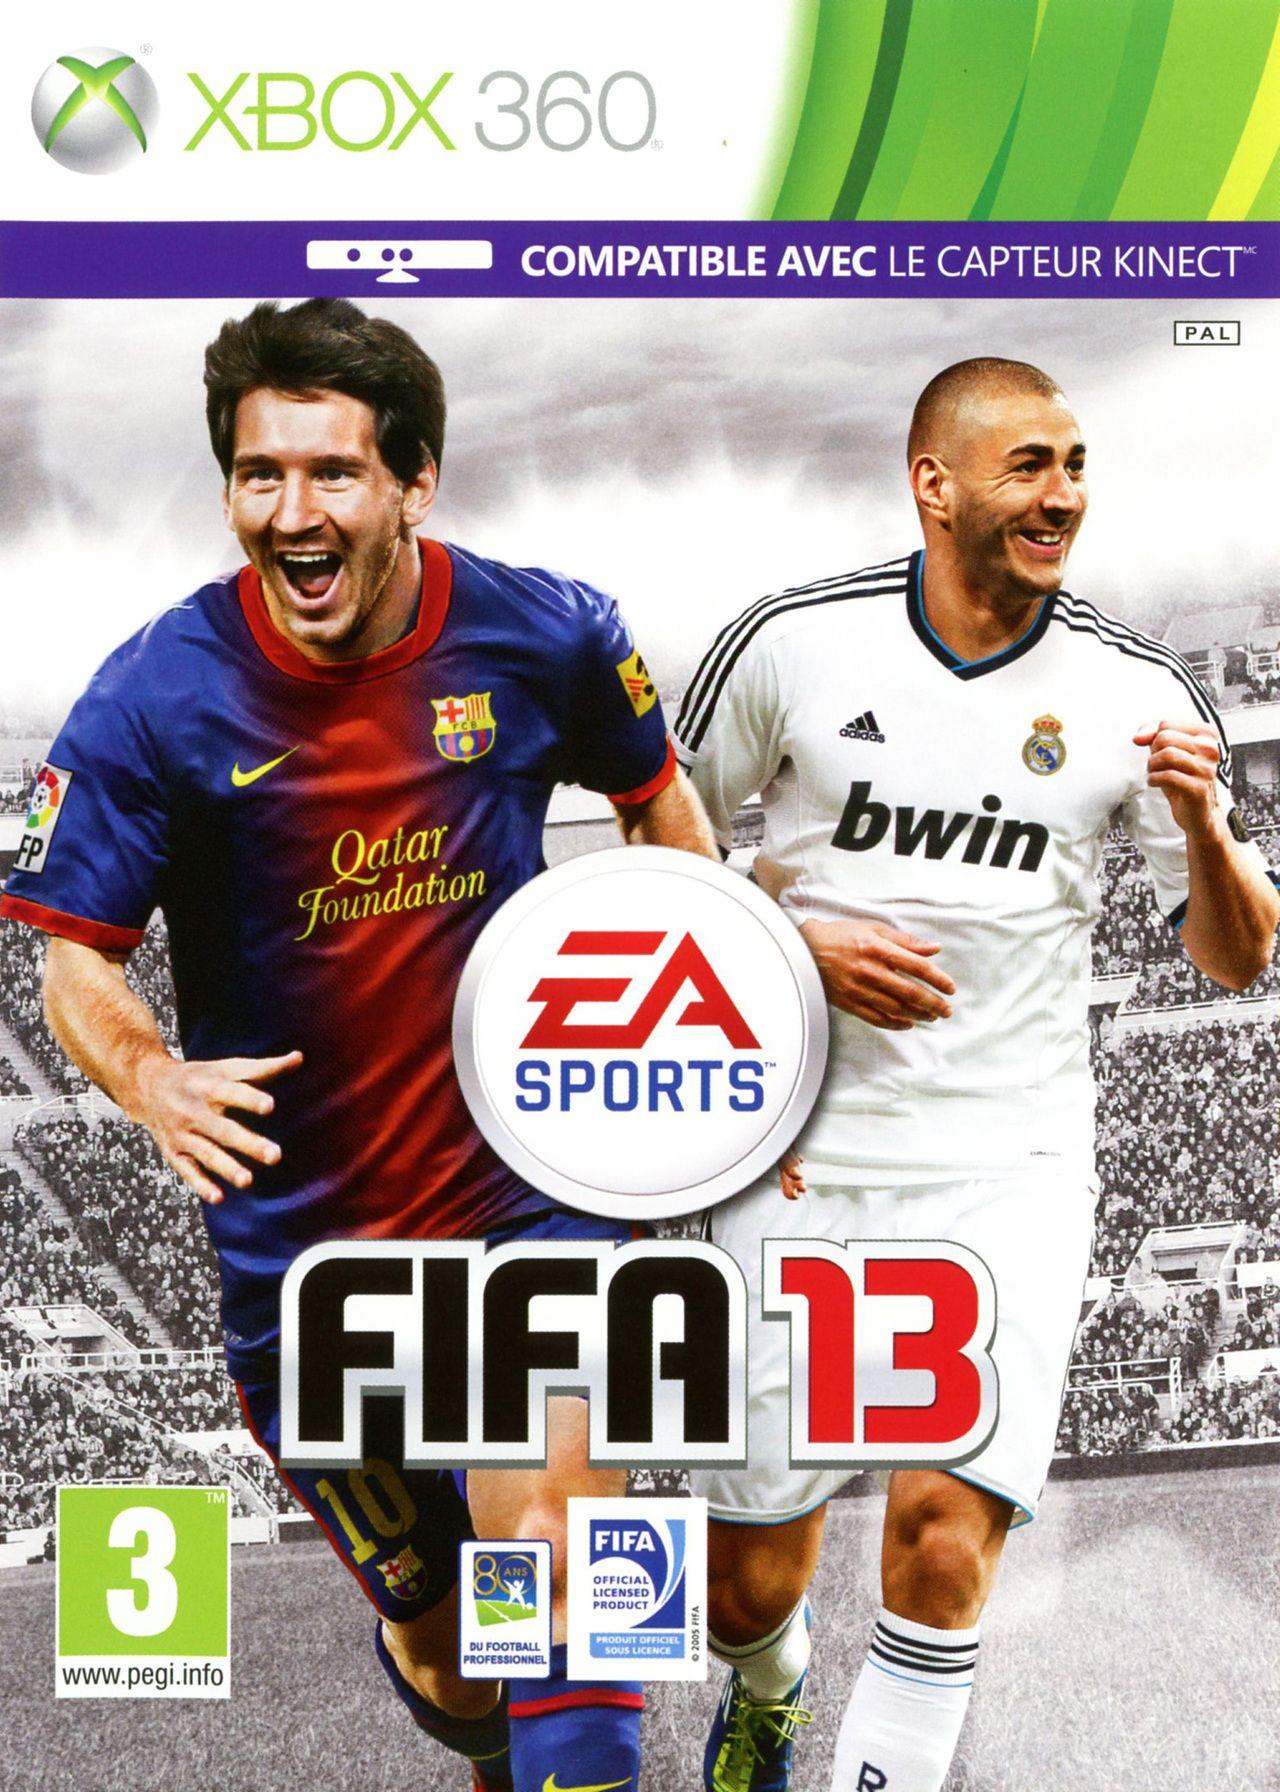 Fifa 13 vautil le coup ? Réagissez sur www.123geekos.fr